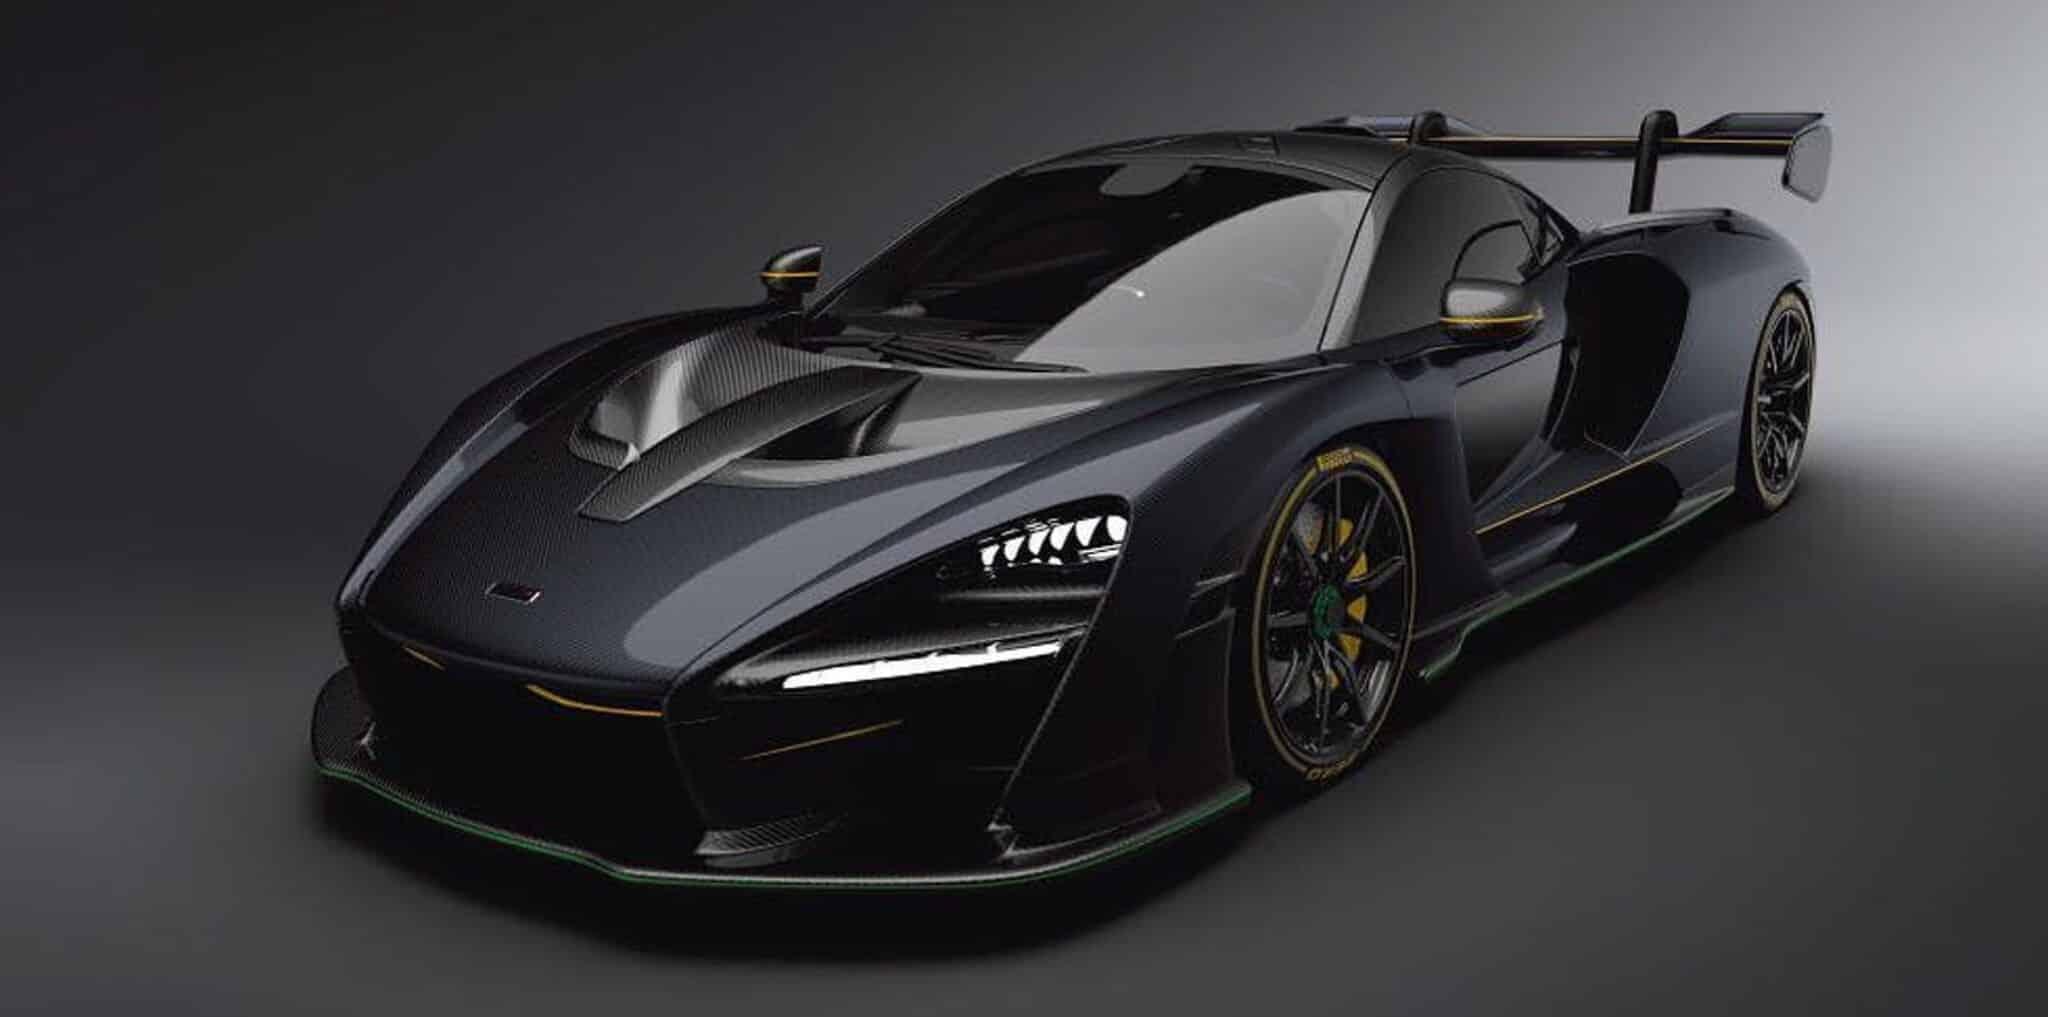 MSO echa más leña al fuego: Así es su exclusivo McLaren Senna de 3 millones de dólares